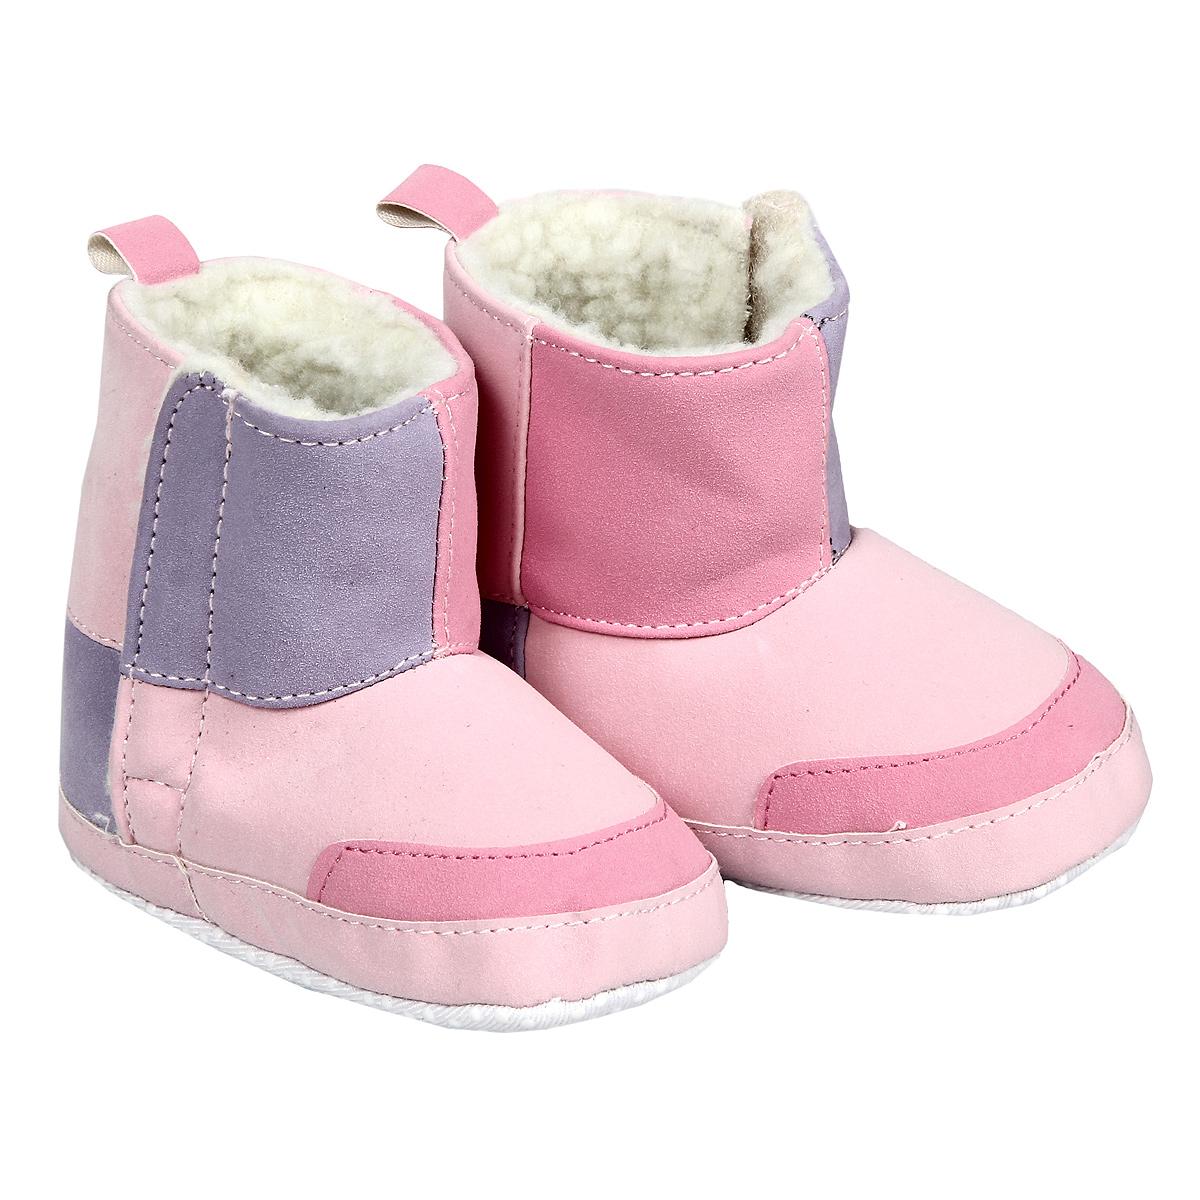 Пинетки для девочки Угги. 1178711787Пинетки для девочки Luvable Friends, стилизованные под Угги - это легкая, теплая и удобная обувь из искусственной замши с искусственным мехом. Застегиваются они сбоку на липучки. Стопа оформлена прорезиненным рельефным рисунком, благодаря которому ребенок не будет скользить. Лоскутный дизайн привлекает внимание и делает угги особенно уютными. Такие пинетки - отличное решение для каждодневного использования дома в прохладную погоду!